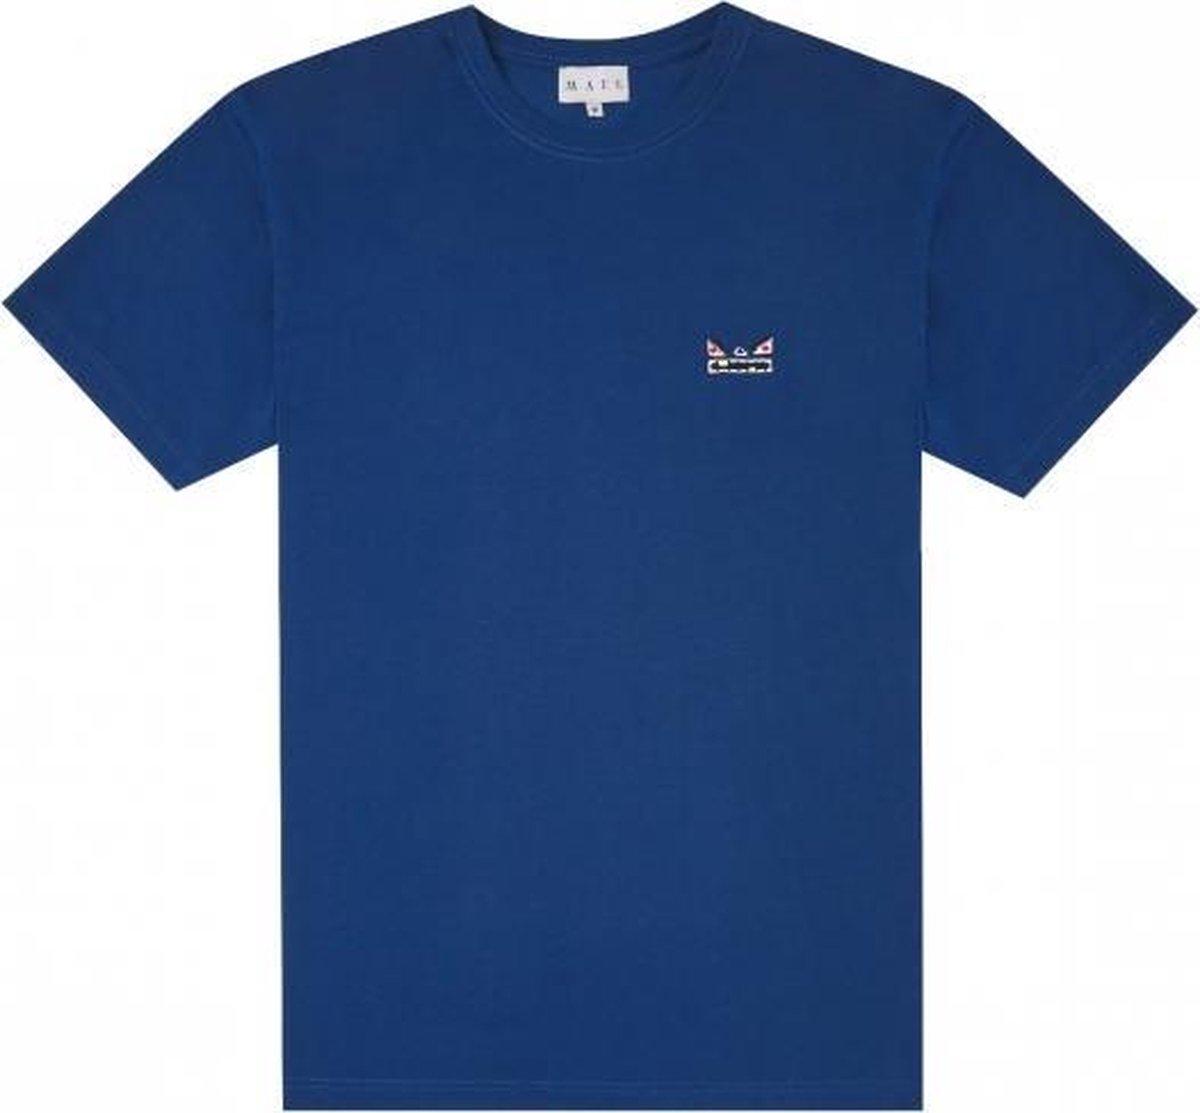 Mael - Logo Tee Navy - S